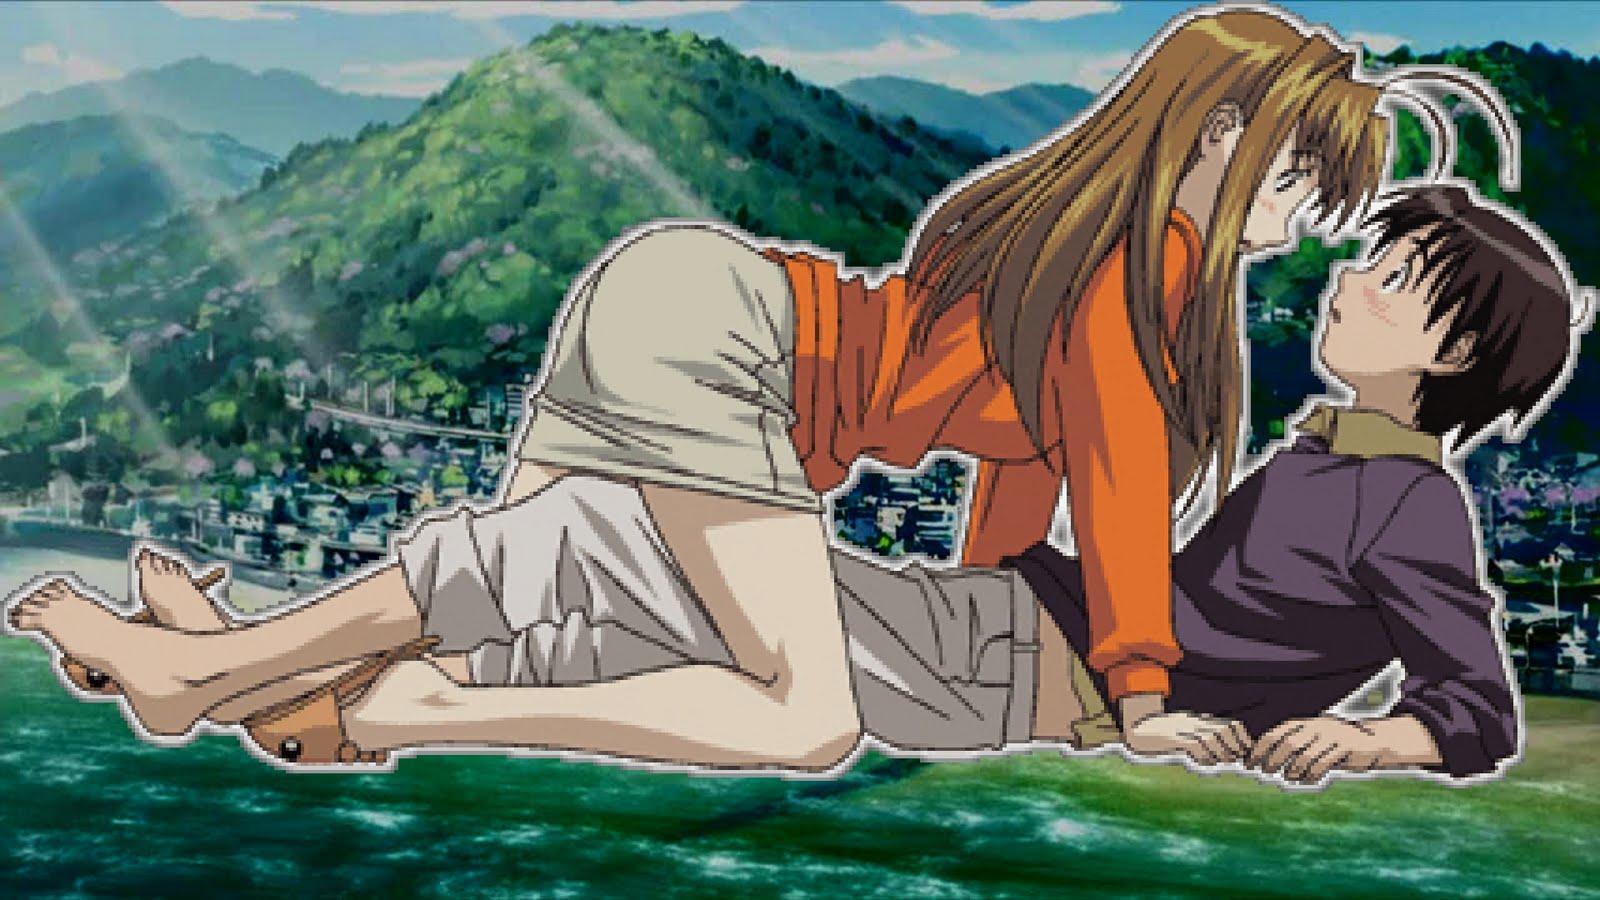 http://3.bp.blogspot.com/_oFDQgW3nuwI/TTCxAe1HPcI/AAAAAAAAC7U/Z2LTEHyKLJ4/s1600/Anime-love-wallpaper.jpg